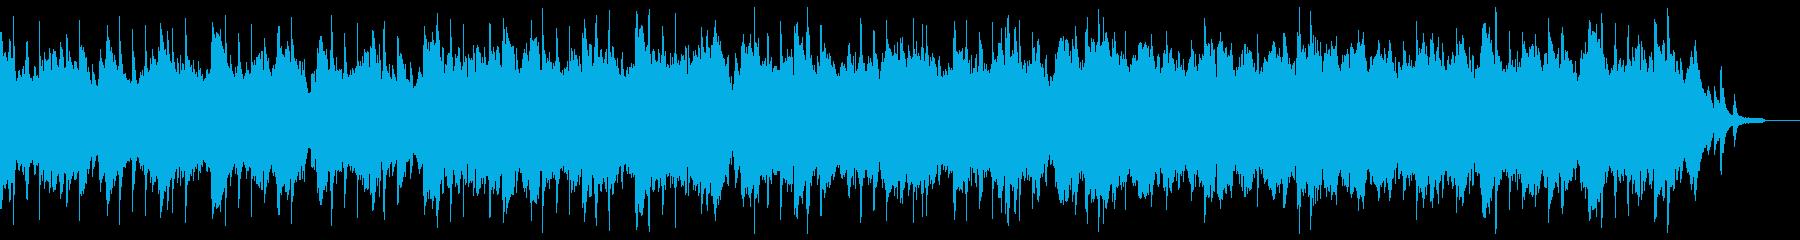 ゆったりと盛り上がるシンフォニックチル。の再生済みの波形